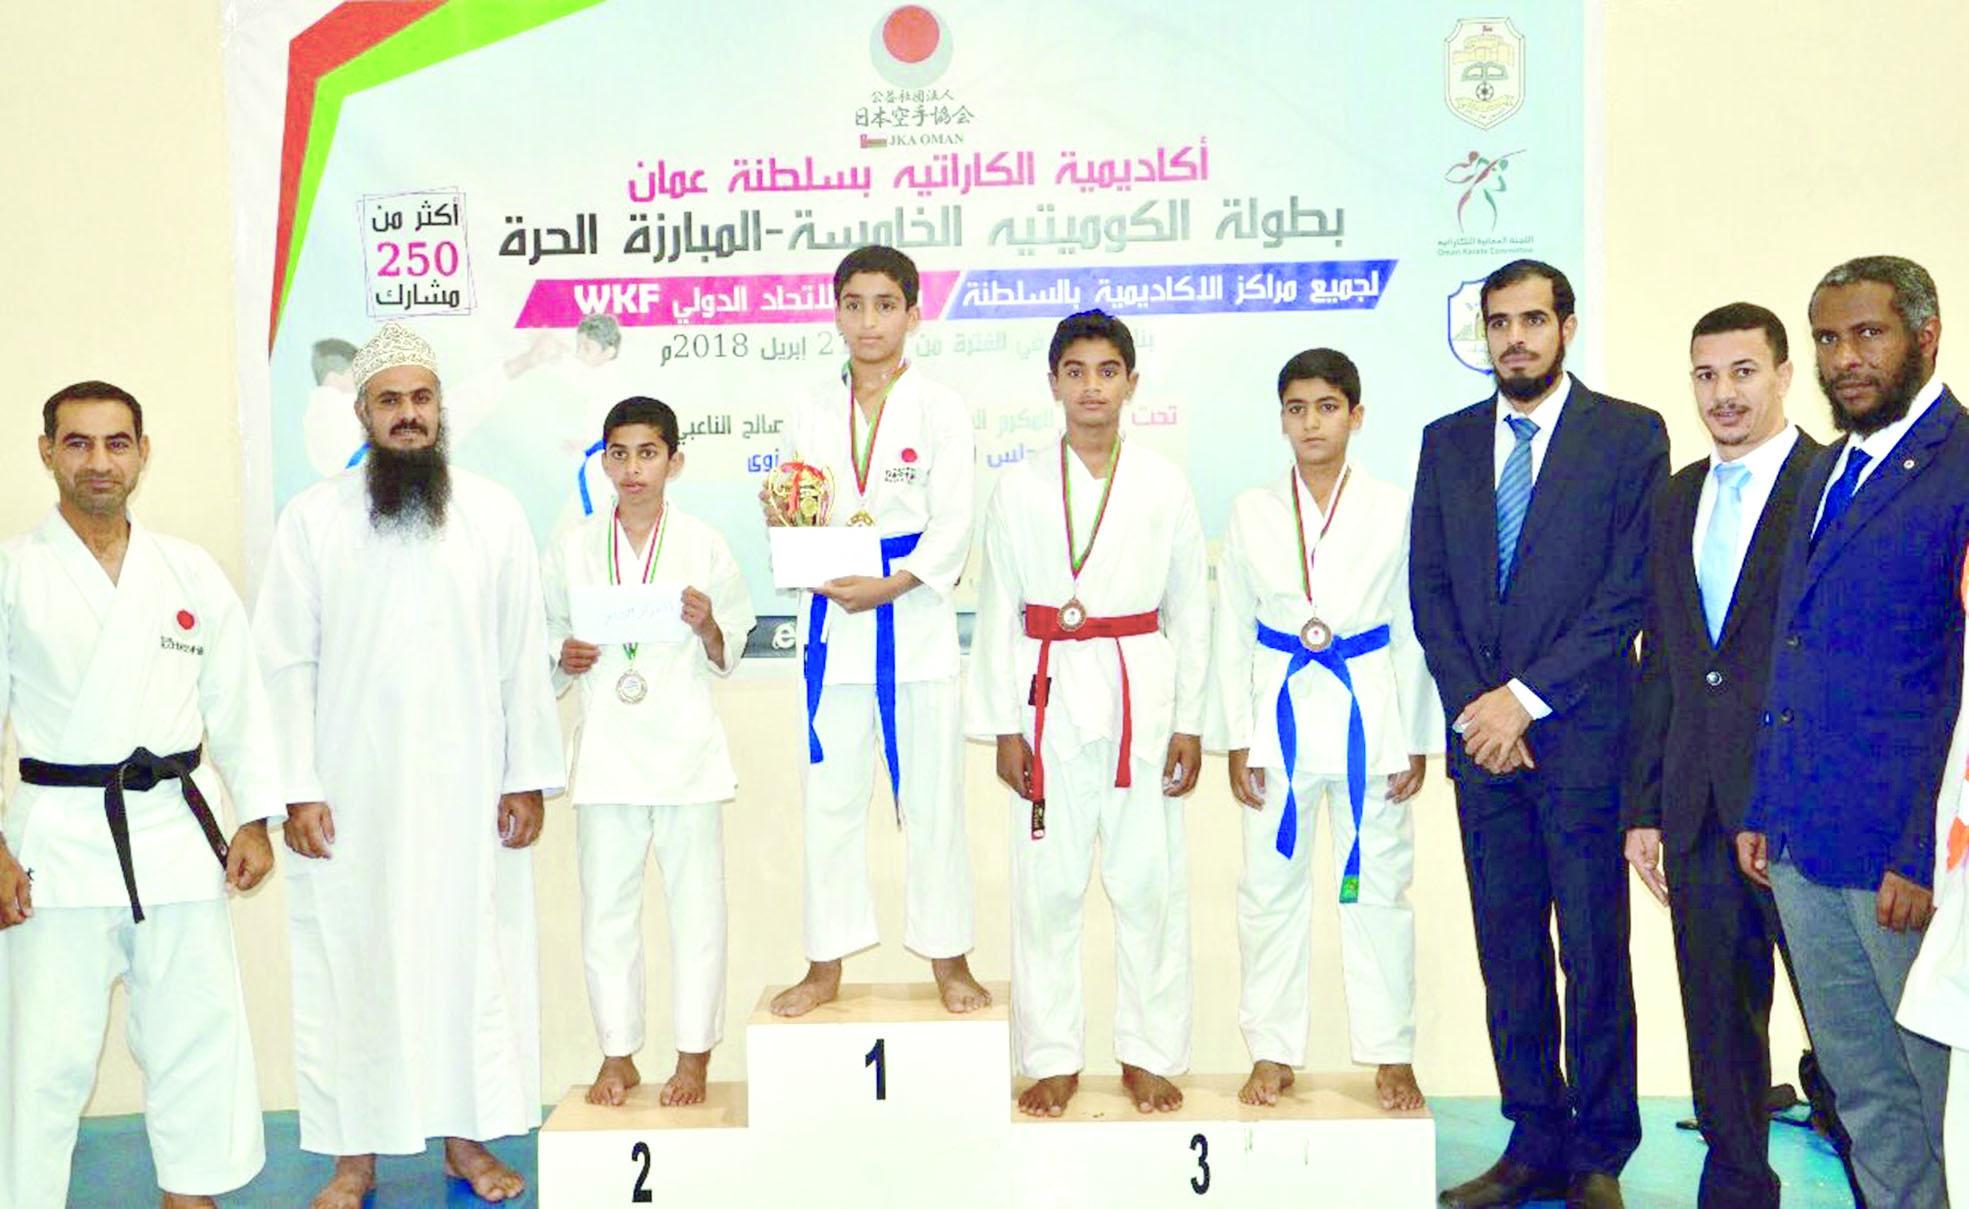 15ميدالية لبهلاء في بطولة أكاديمية الكاراتيه بالسلطنة